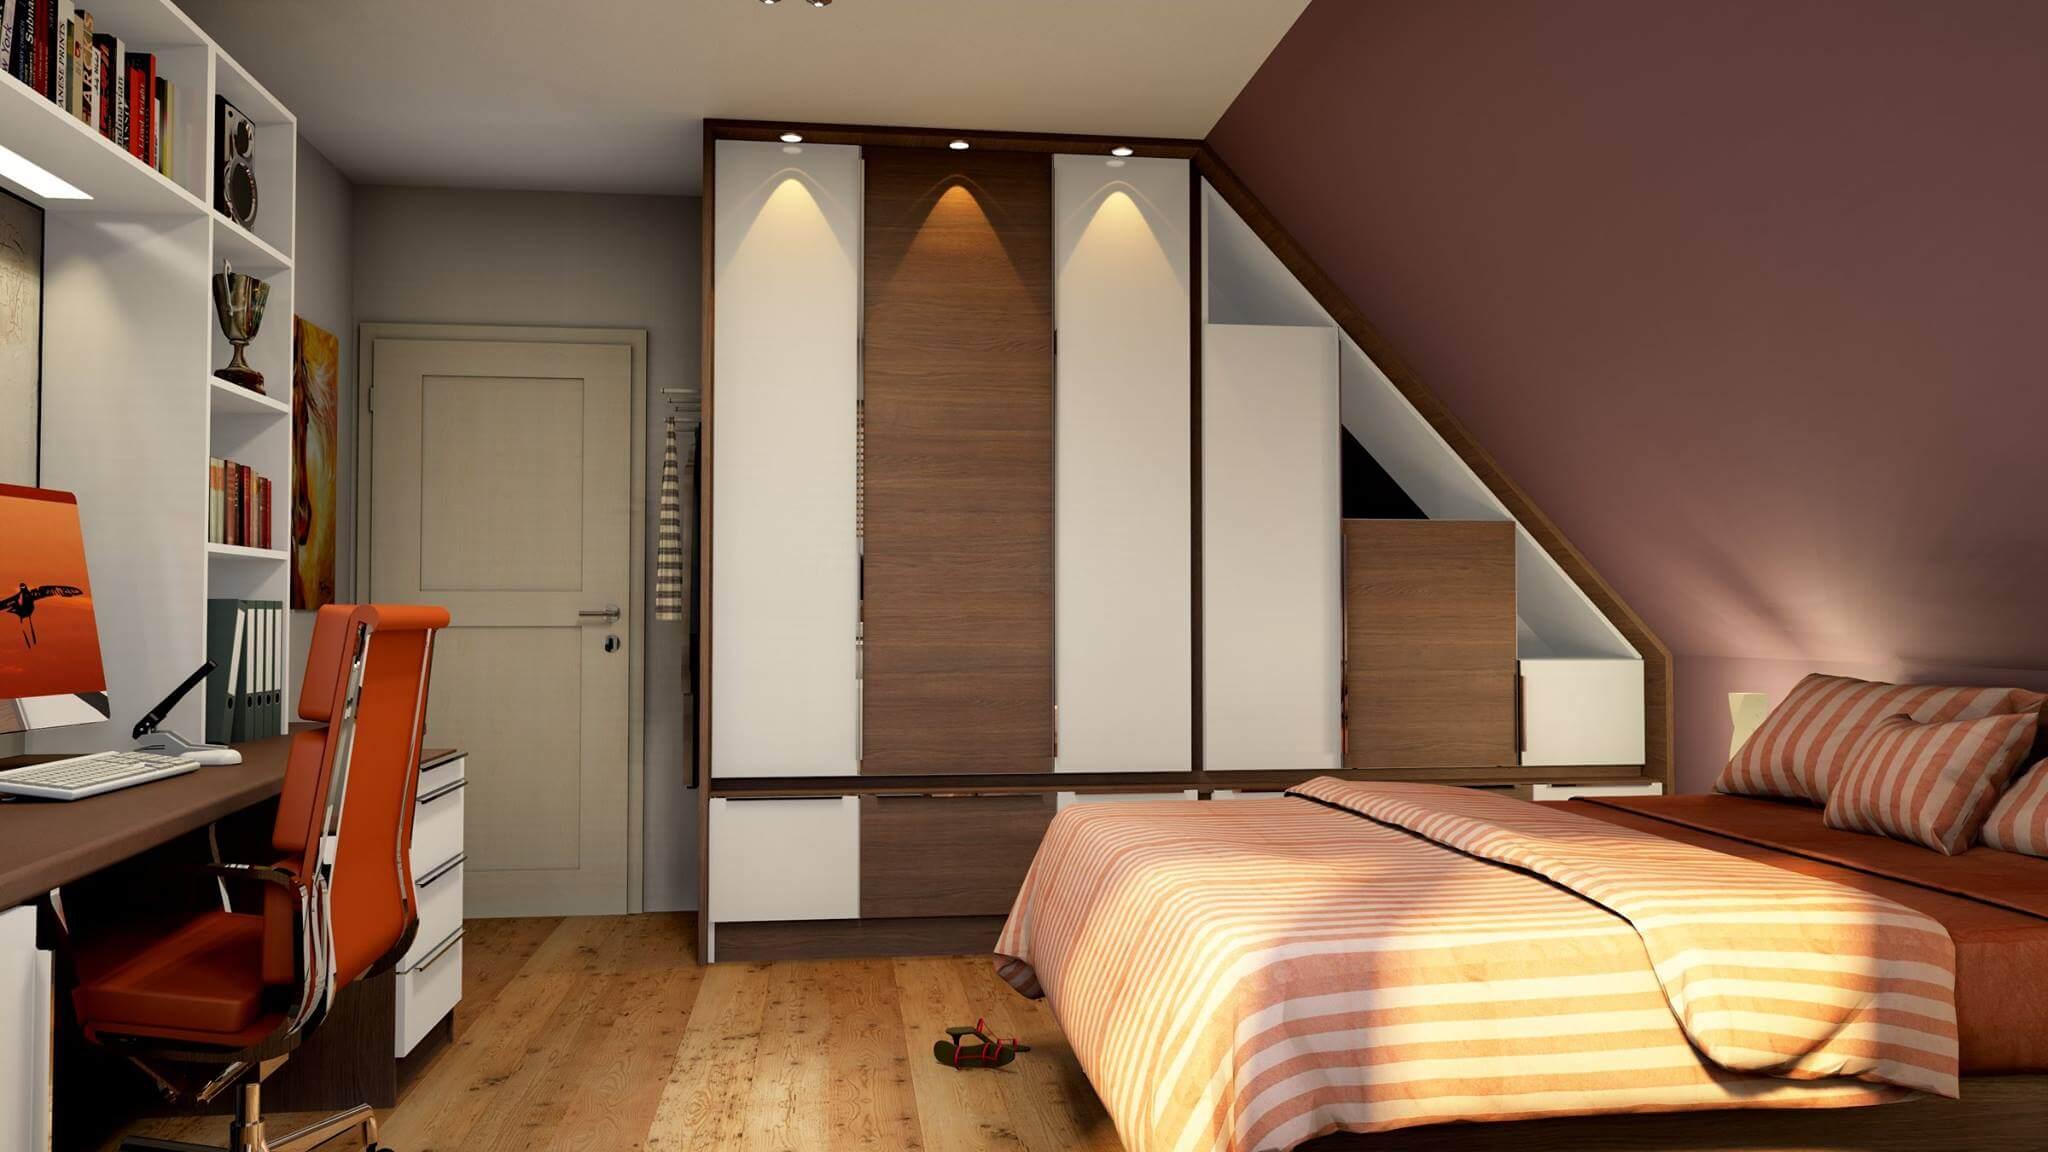 sypialnia wykonana w paletteCAD program do projektowania Kraków program do projektowania podłóg